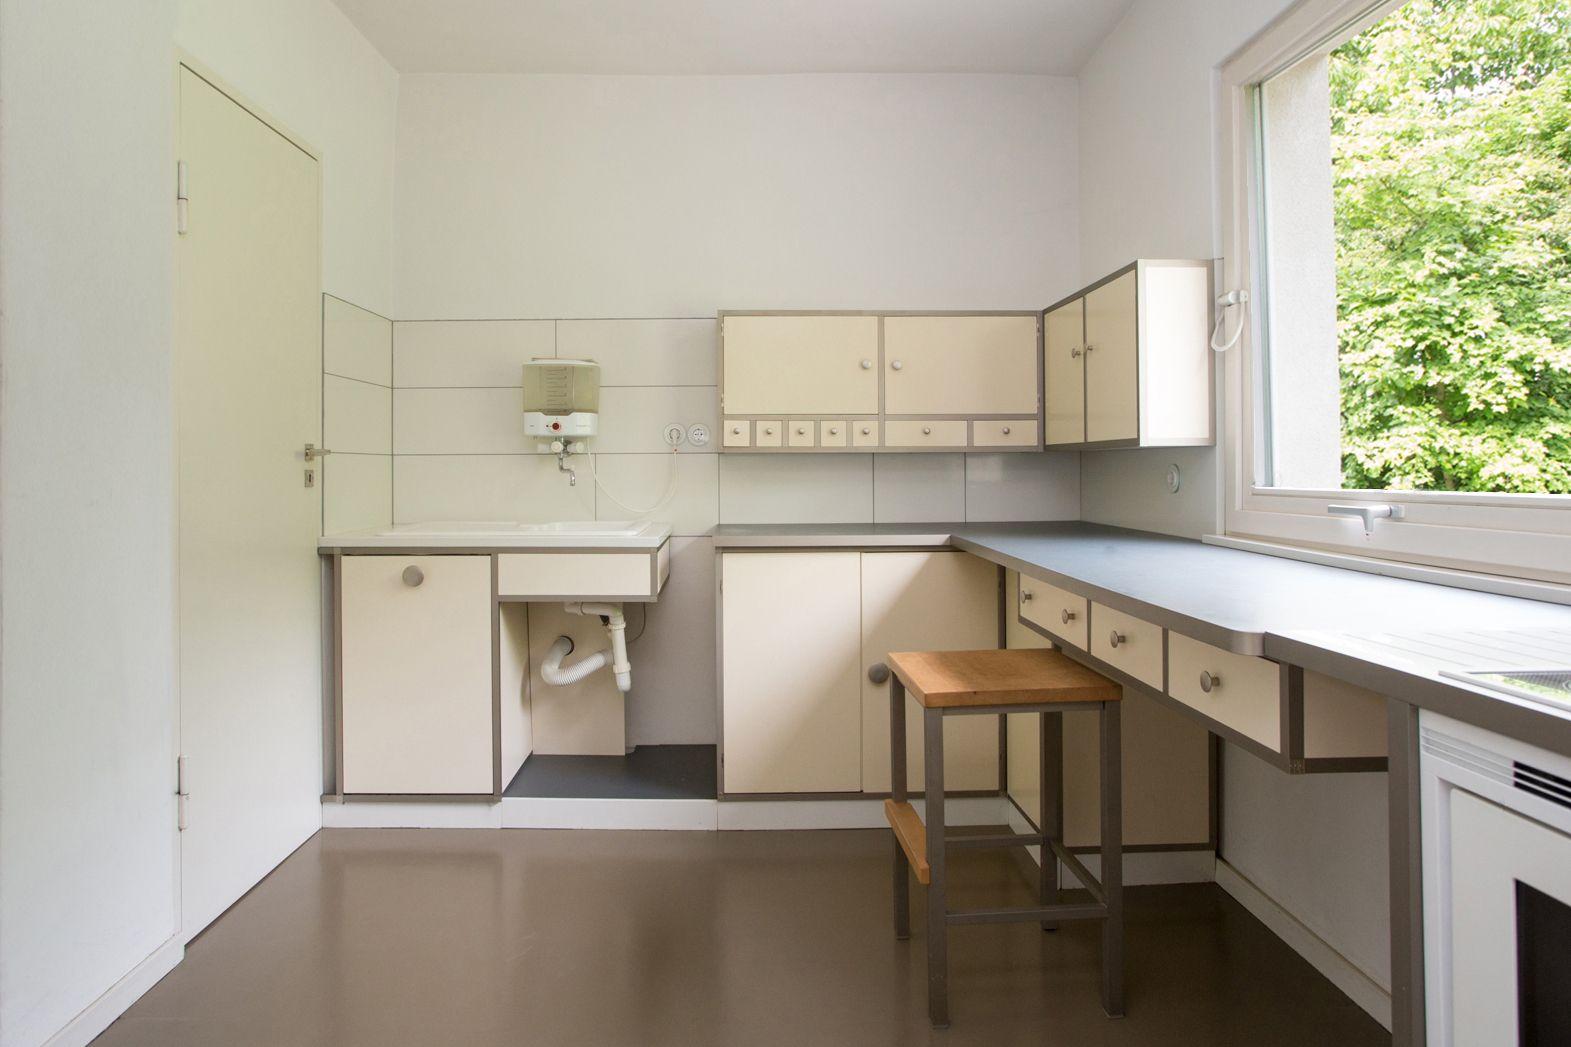 Full Size of Bauhaus Küchenrückwand Kuchen Fenster Wohnzimmer Bauhaus Küchenrückwand